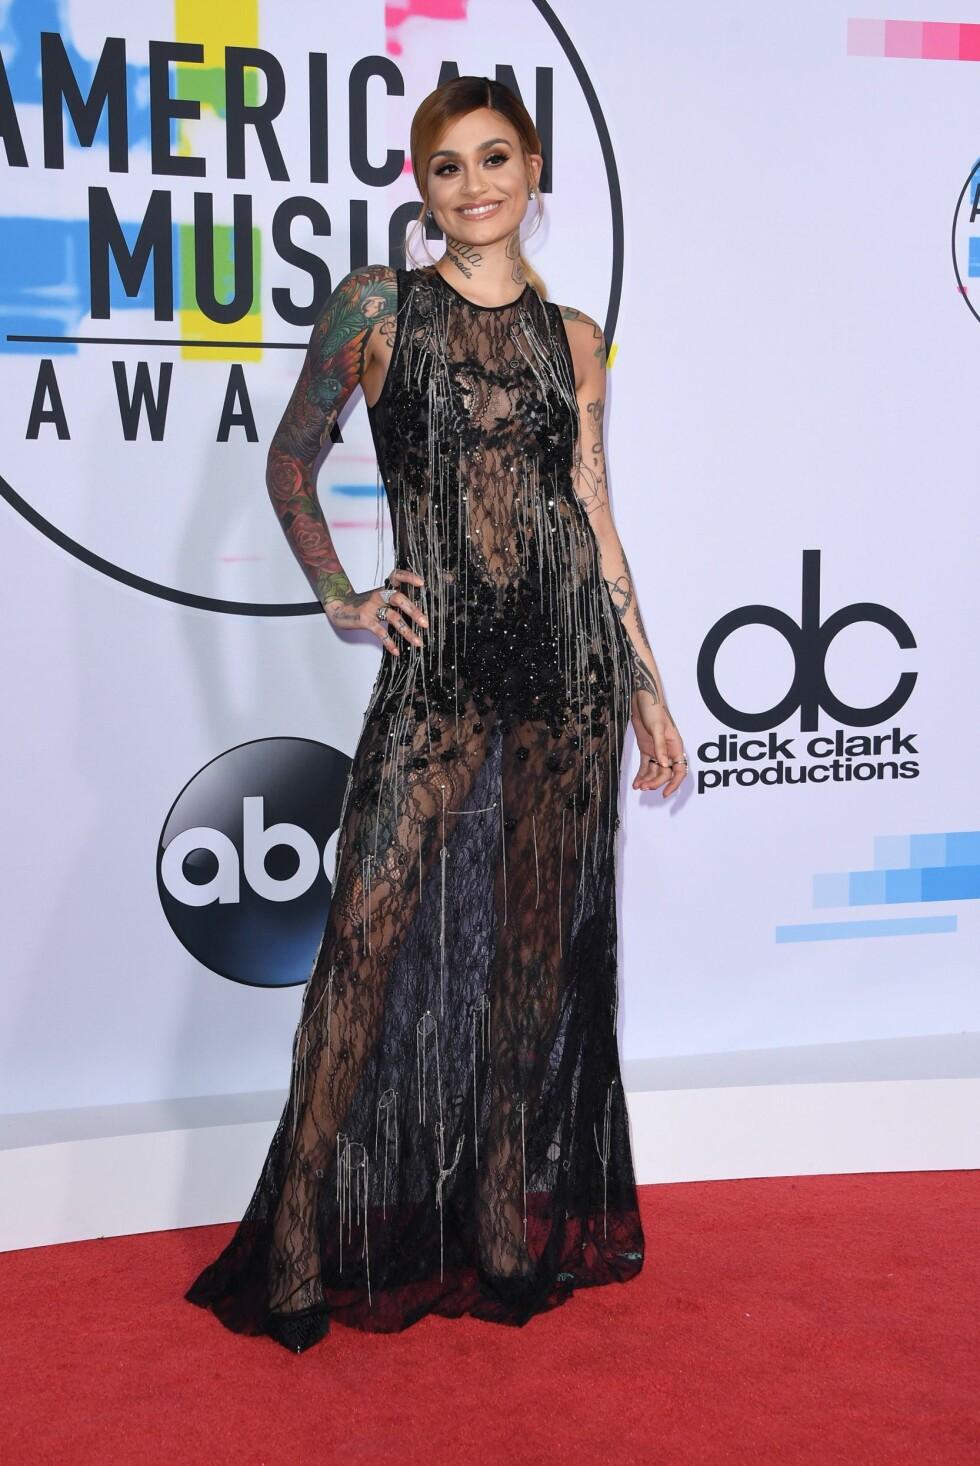 AMERICAN MUSIC AWARDS: Kehlani